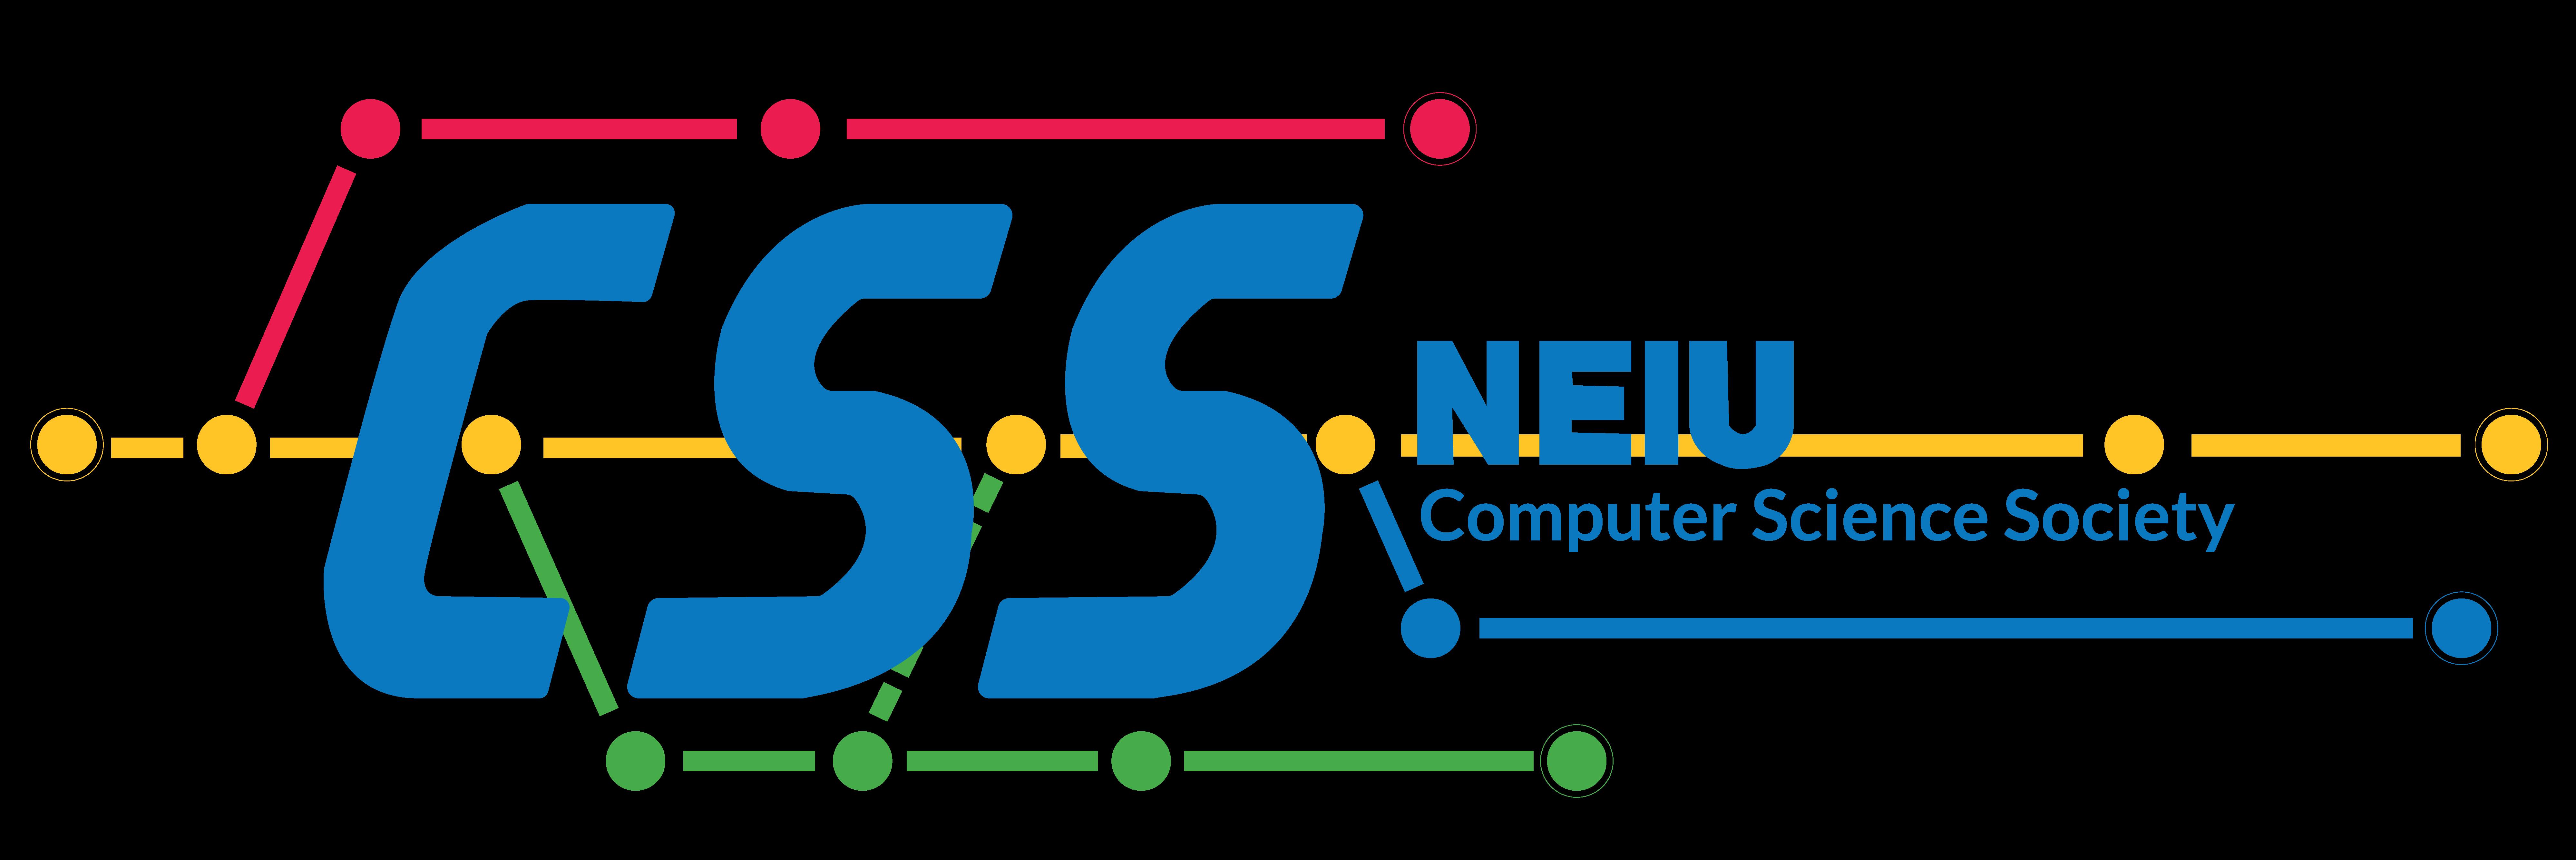 NEIU Computer Science Society